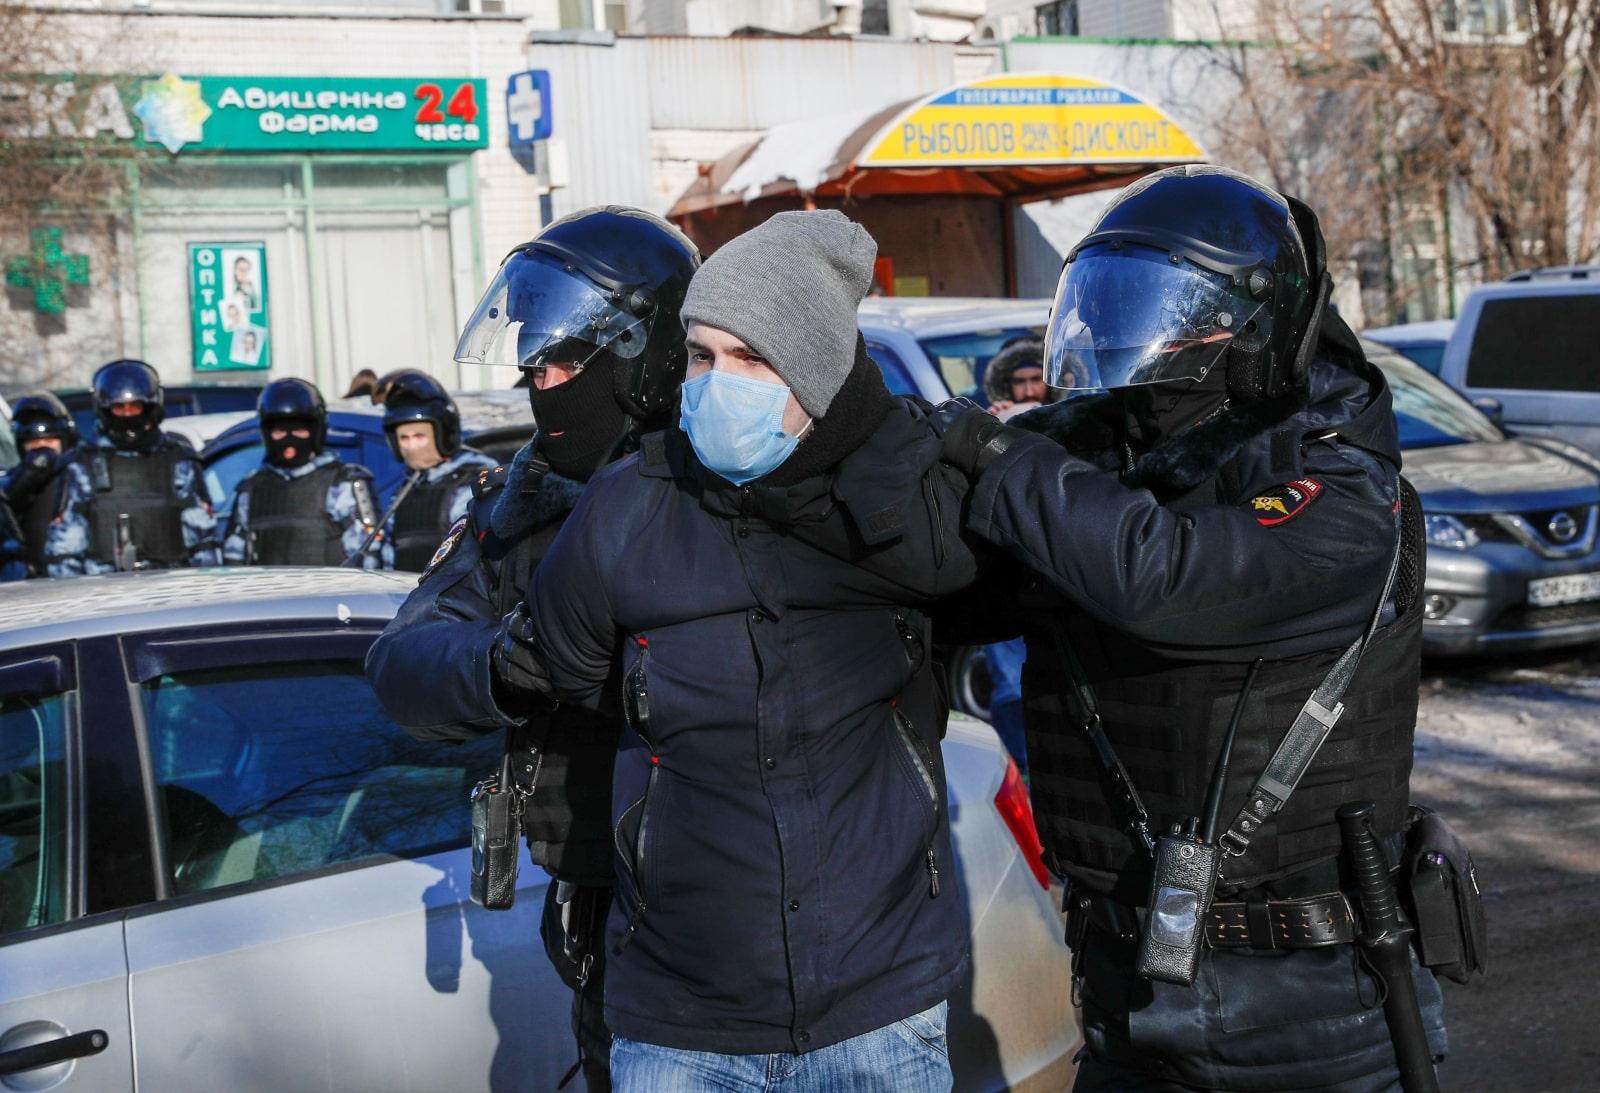 Rusia: Alexei Navalny es juzgado en medio de arrestos de sus partidarios en protestas